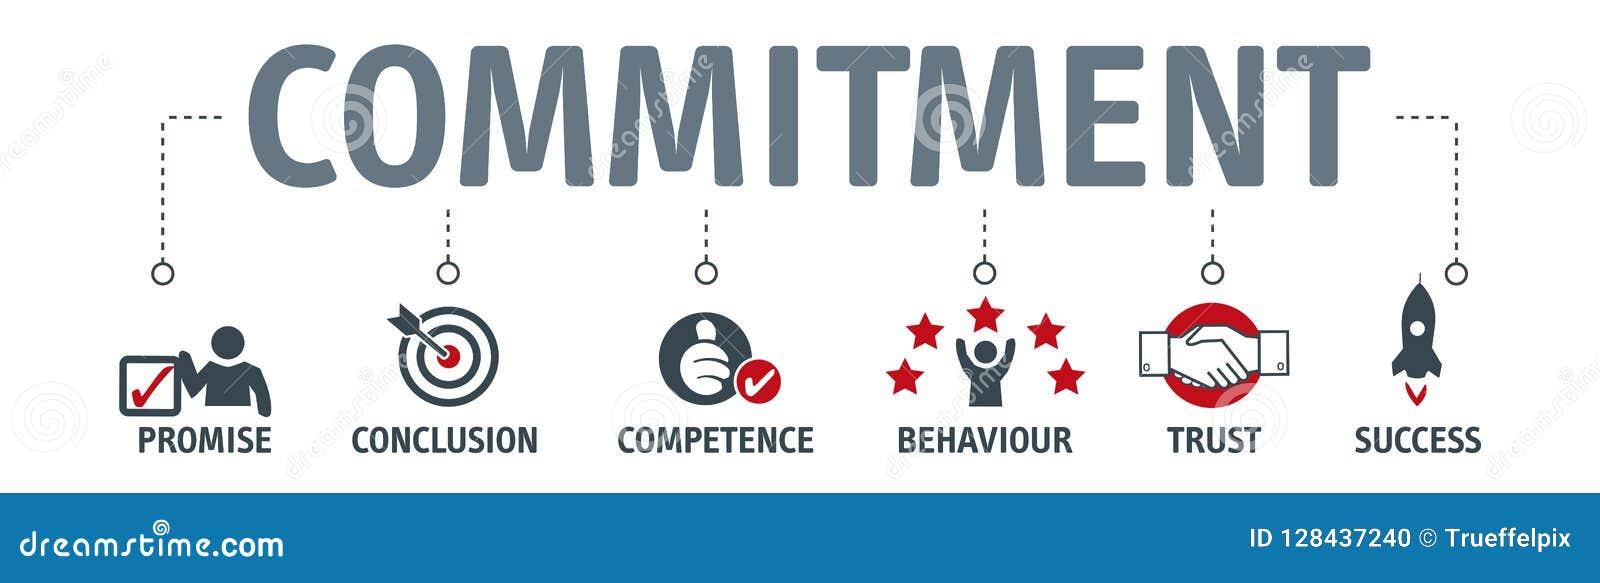 Verplichting, vertrouwens en overeenkomstenconcept